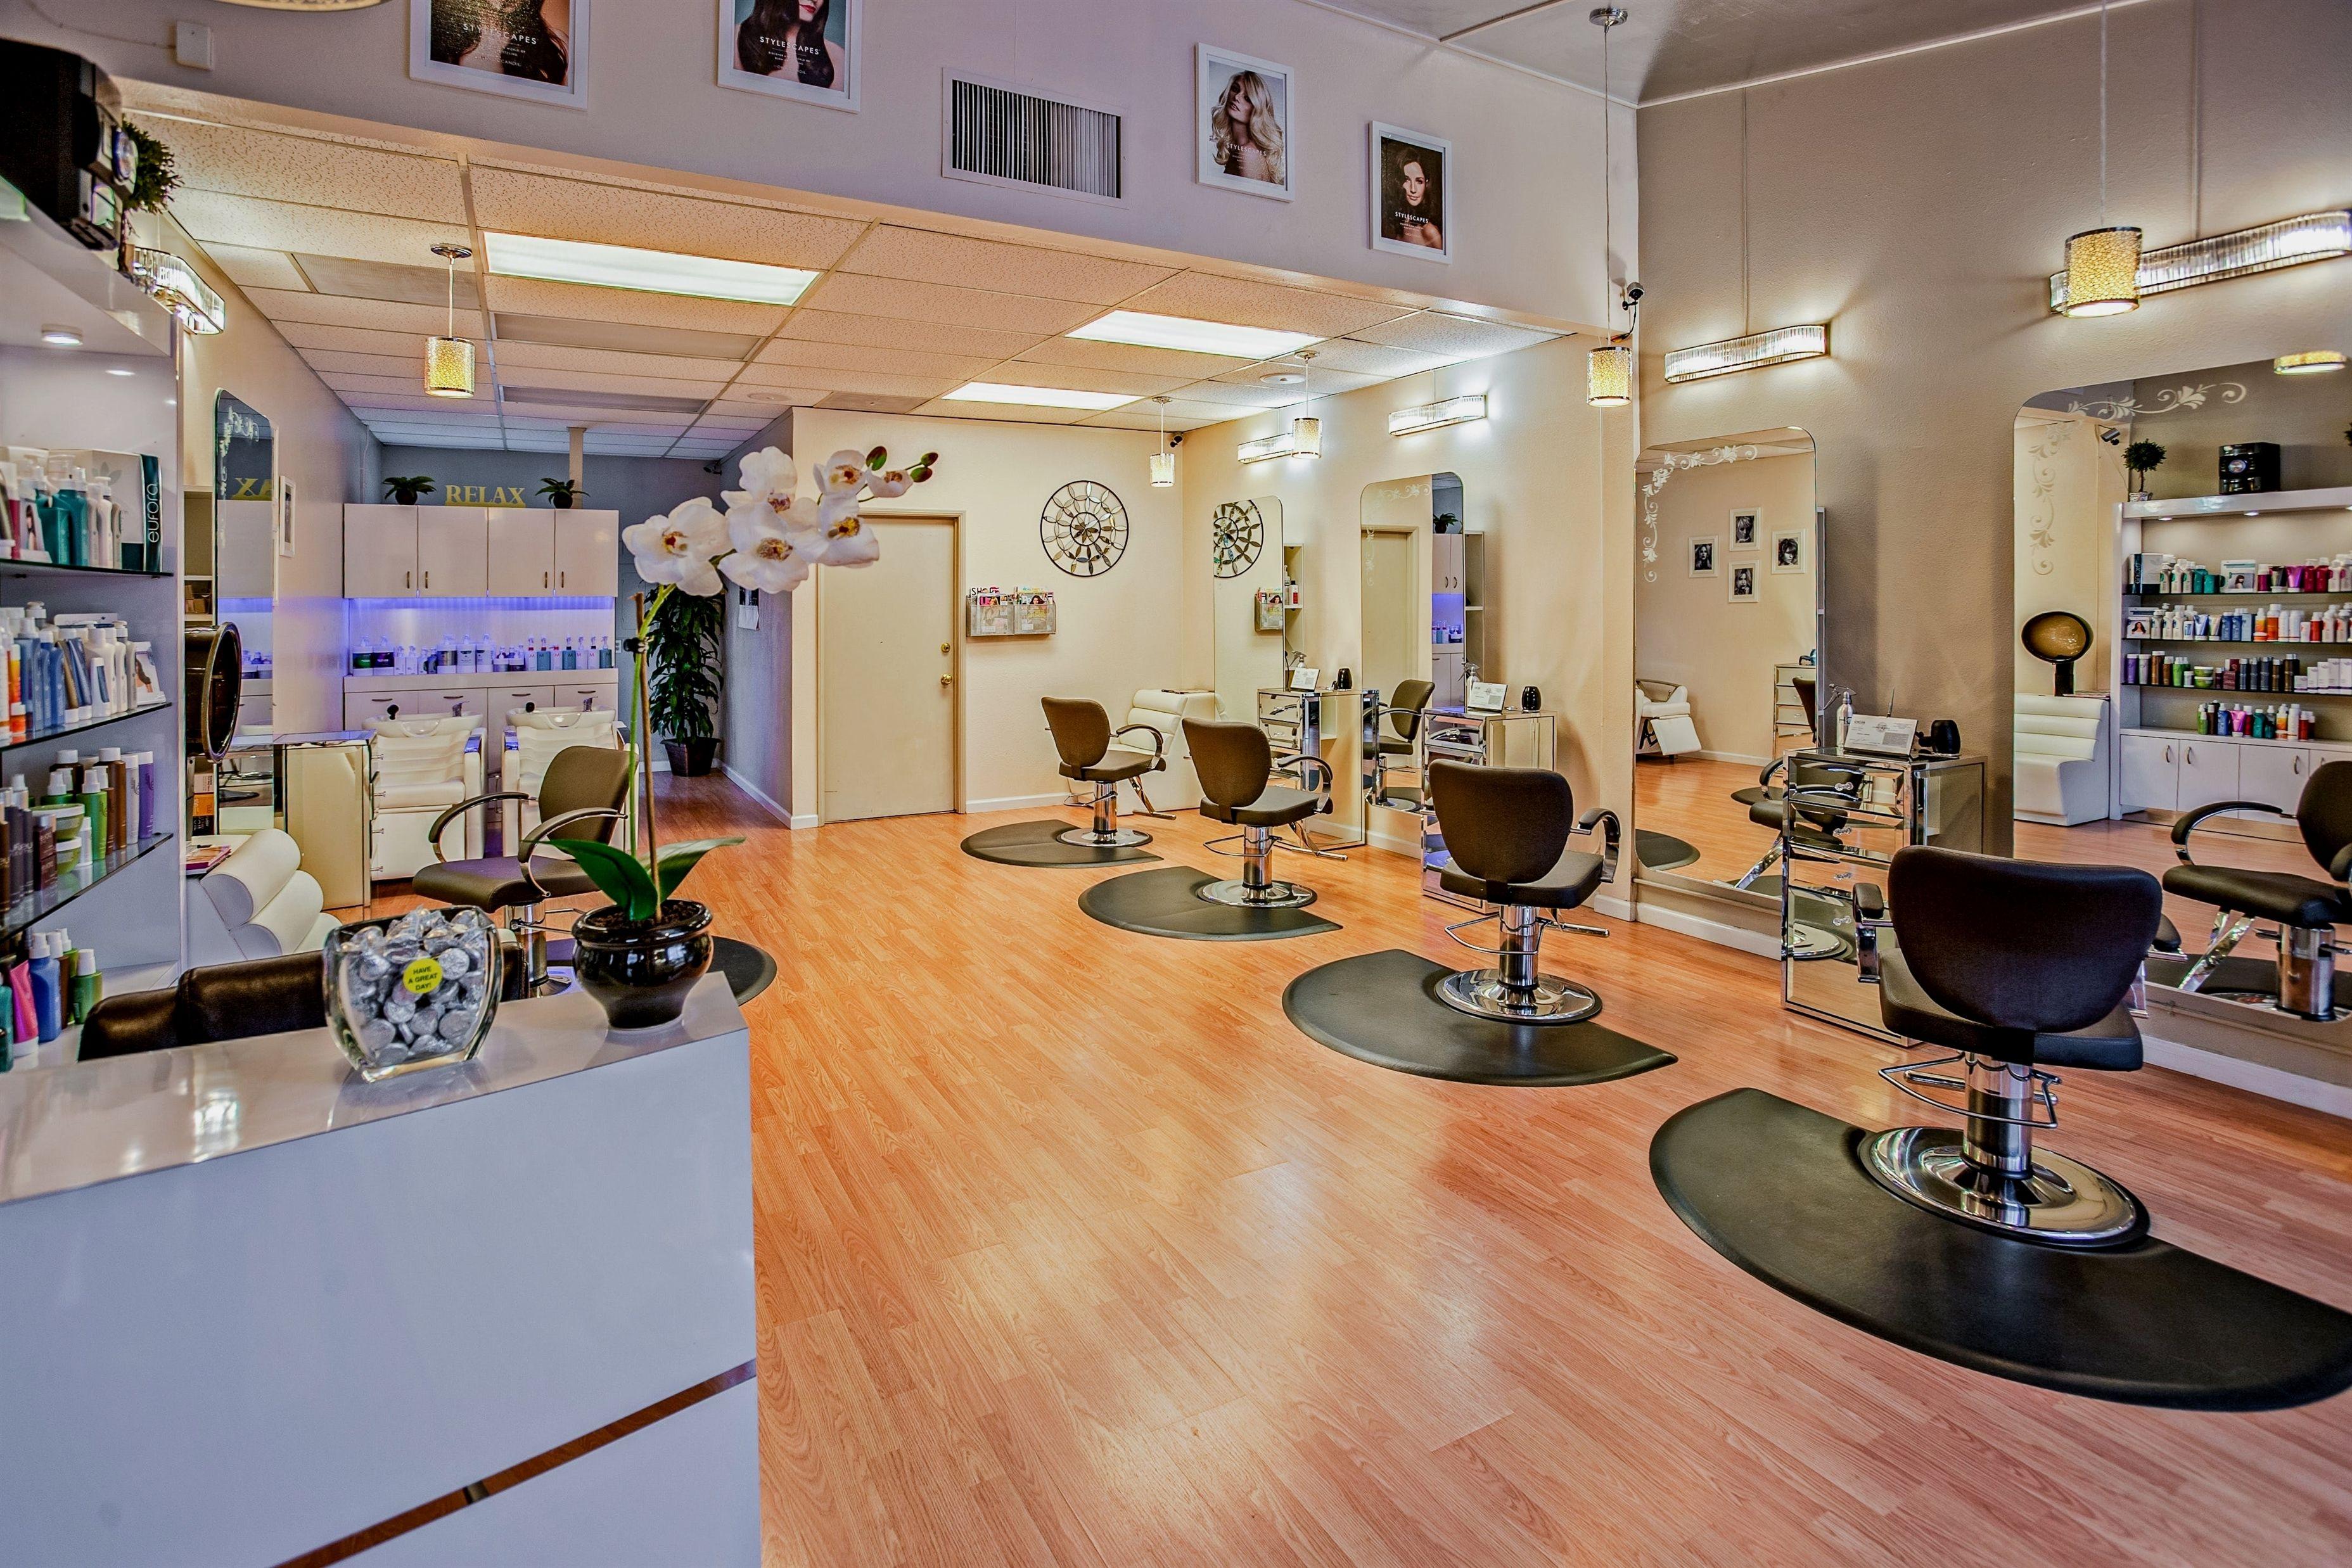 hair salon near me braids_2101_20191031144652_63